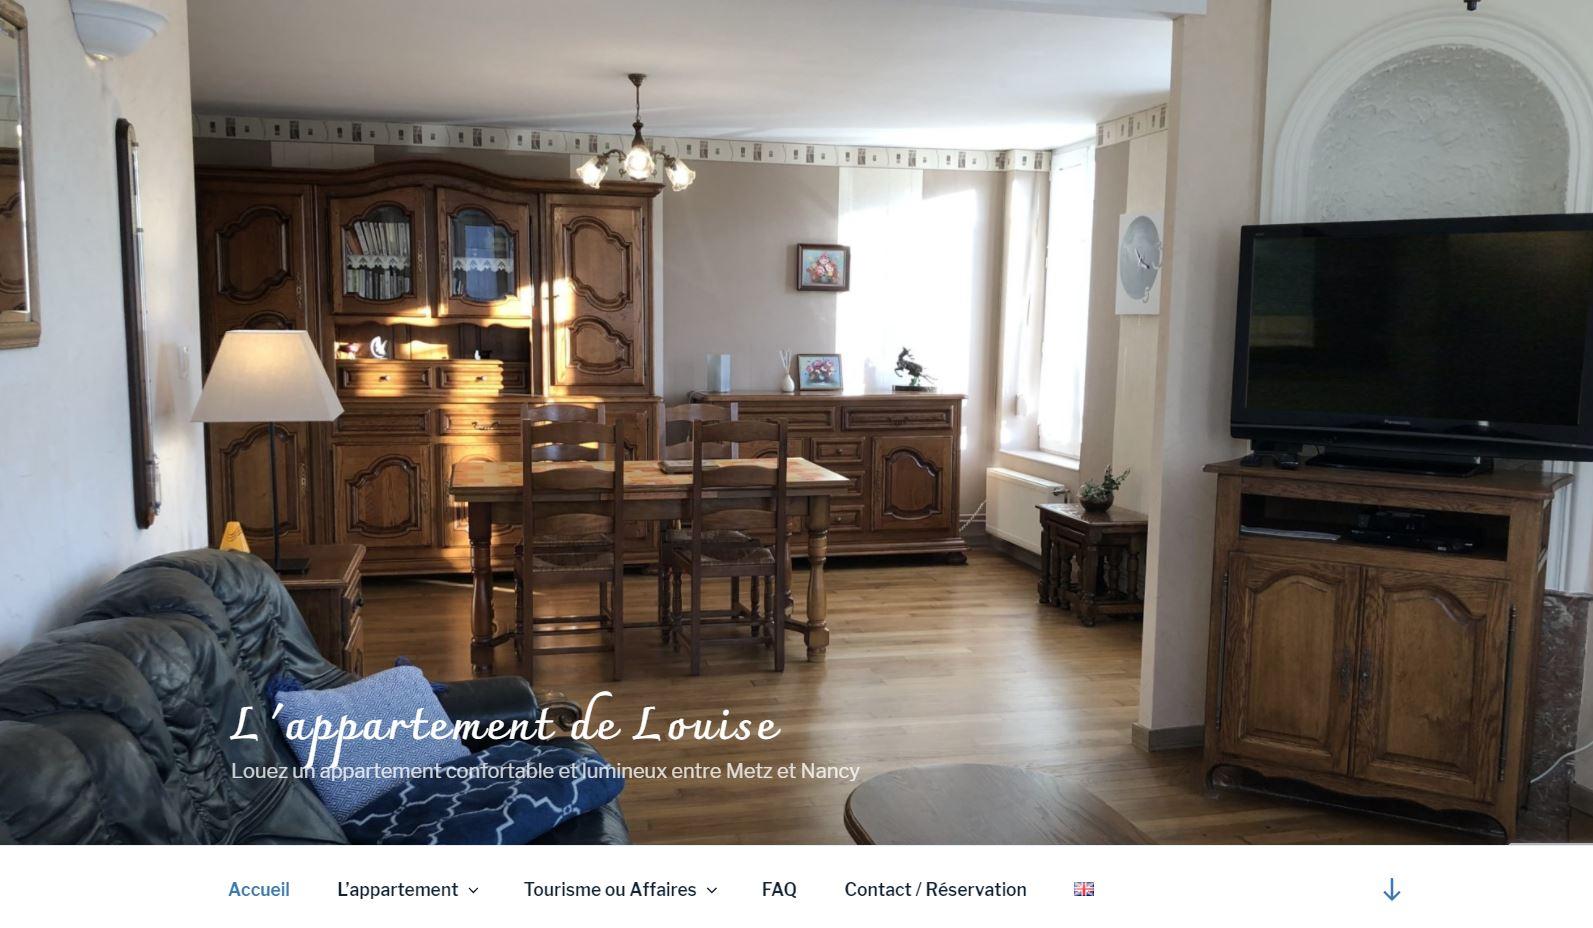 un site développé pour mettre en avant un appartement en location saisonnière